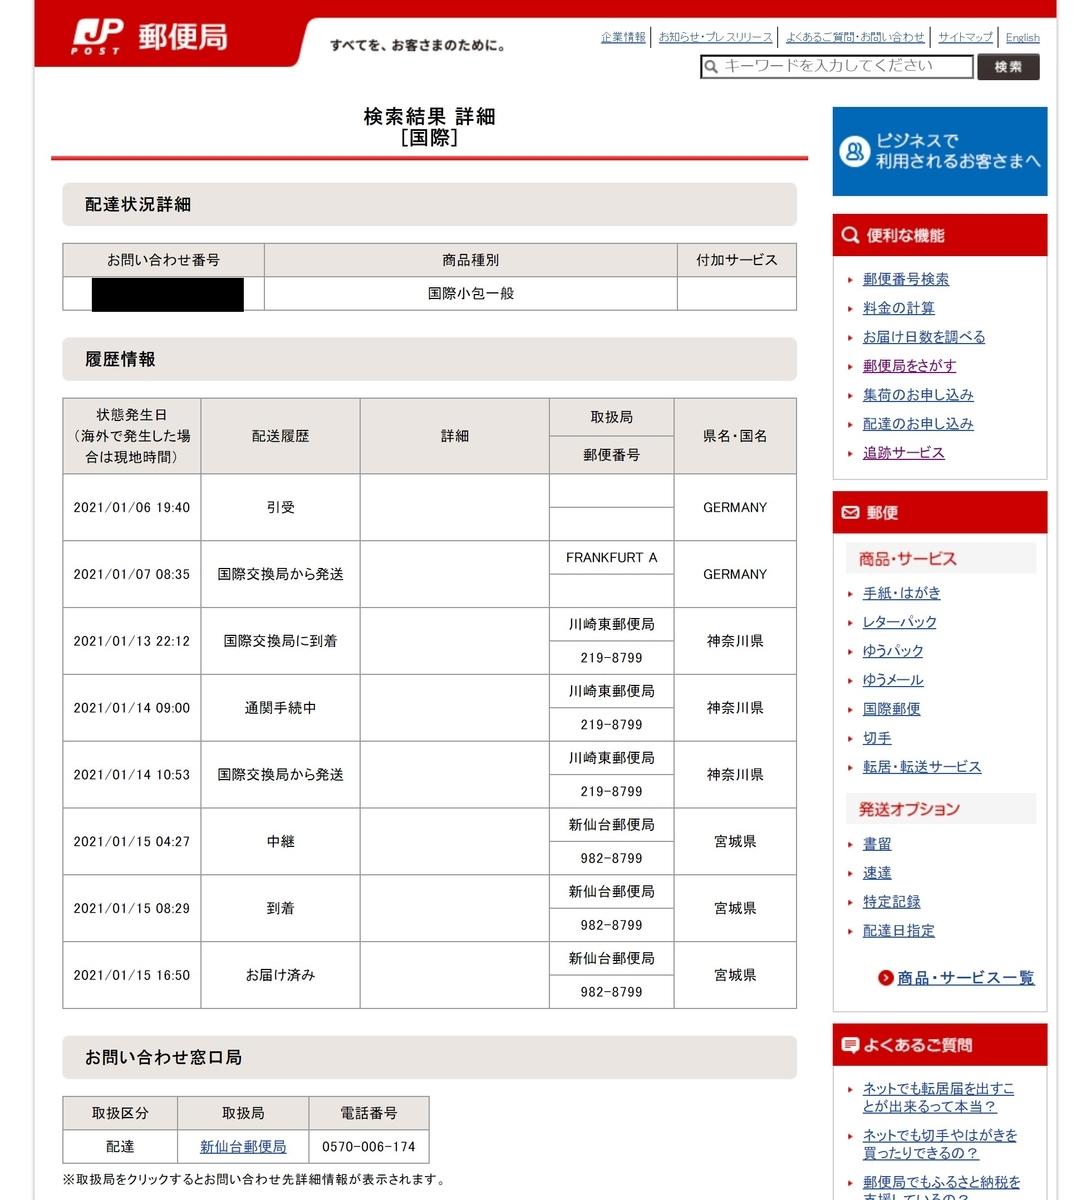 国際小包追跡画面